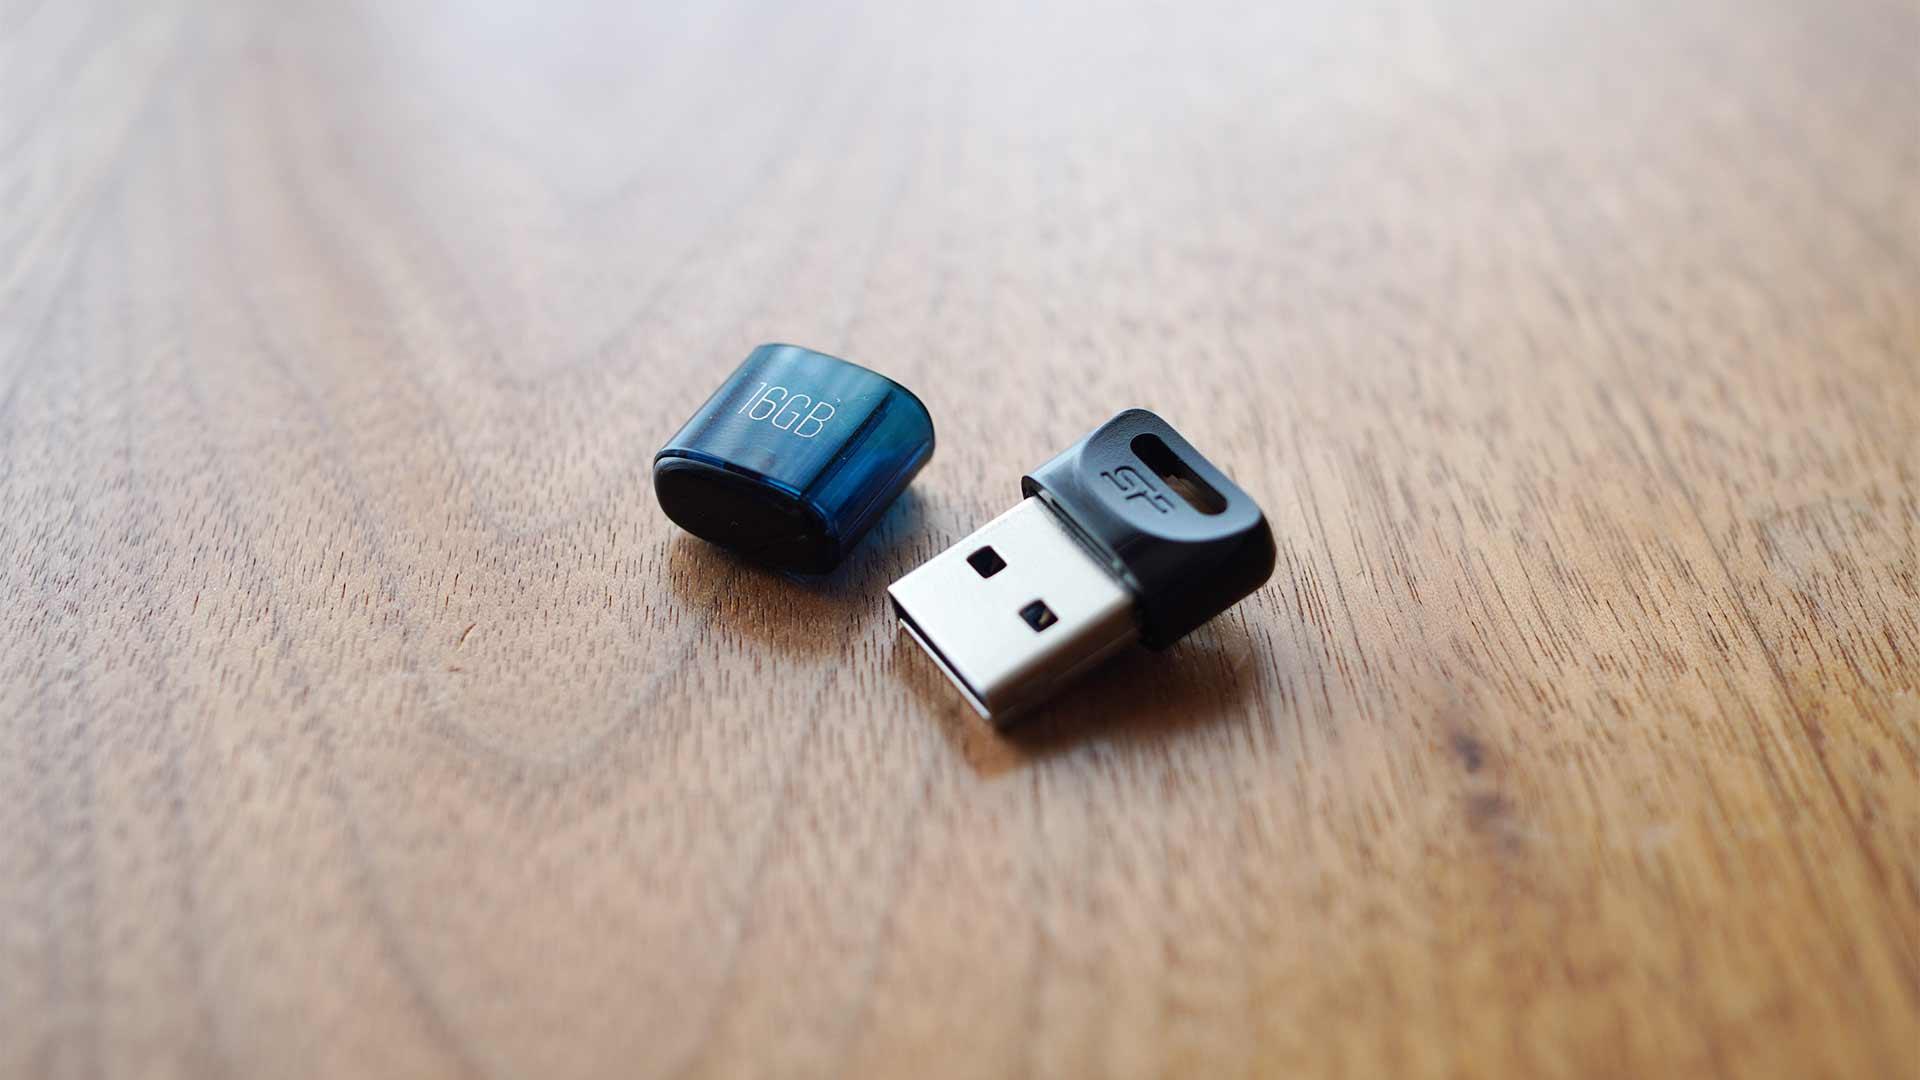 USBメモリー,シリコンパワー,小さい,コンパクト,軽い,安い,速い